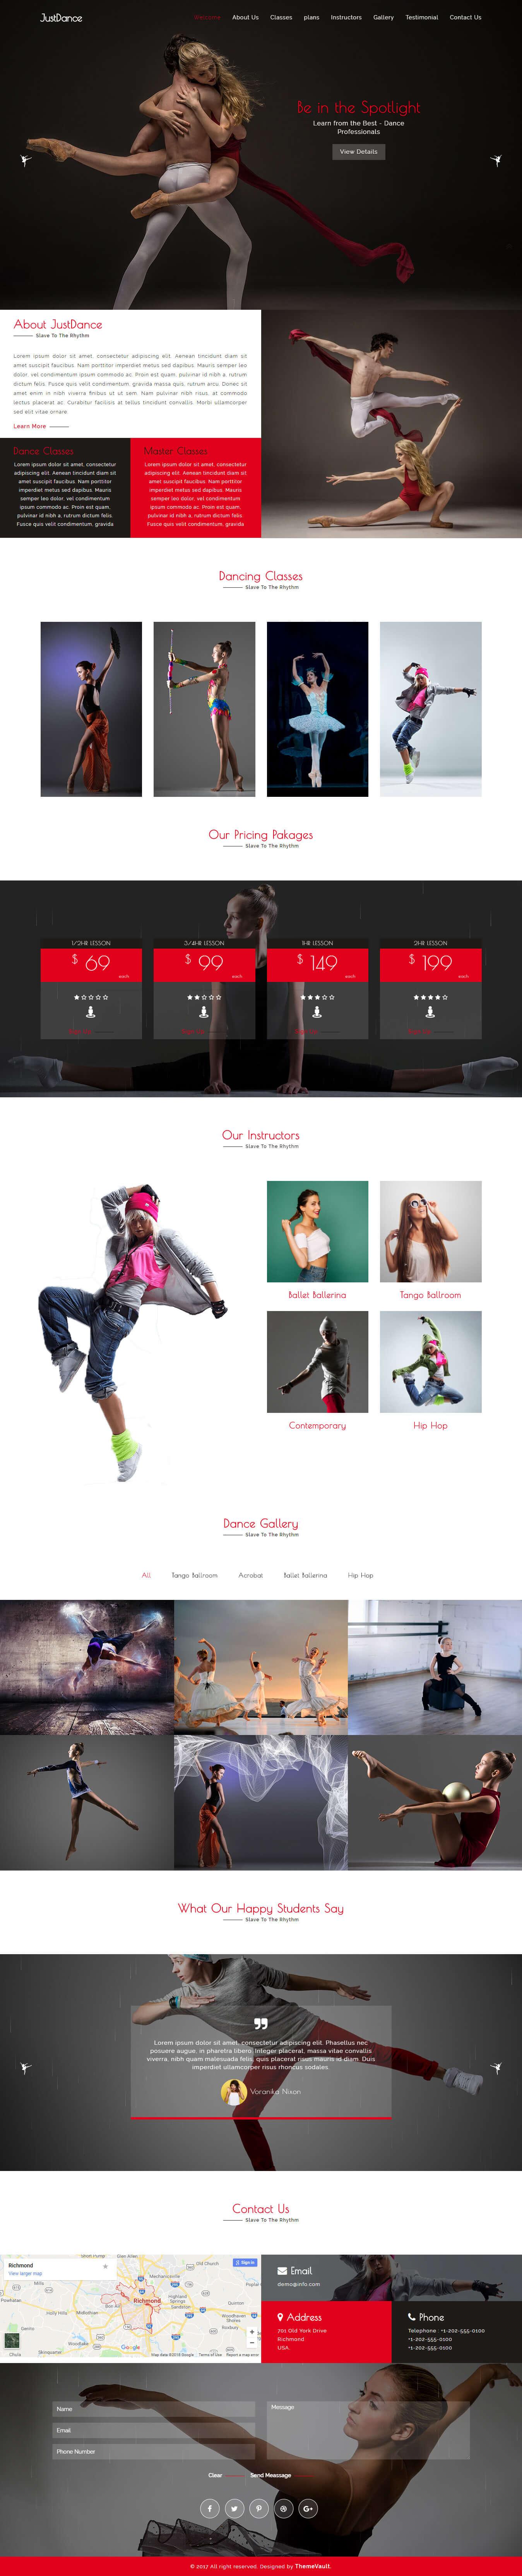 JustDance – HTML5 Dance Studio Website Template